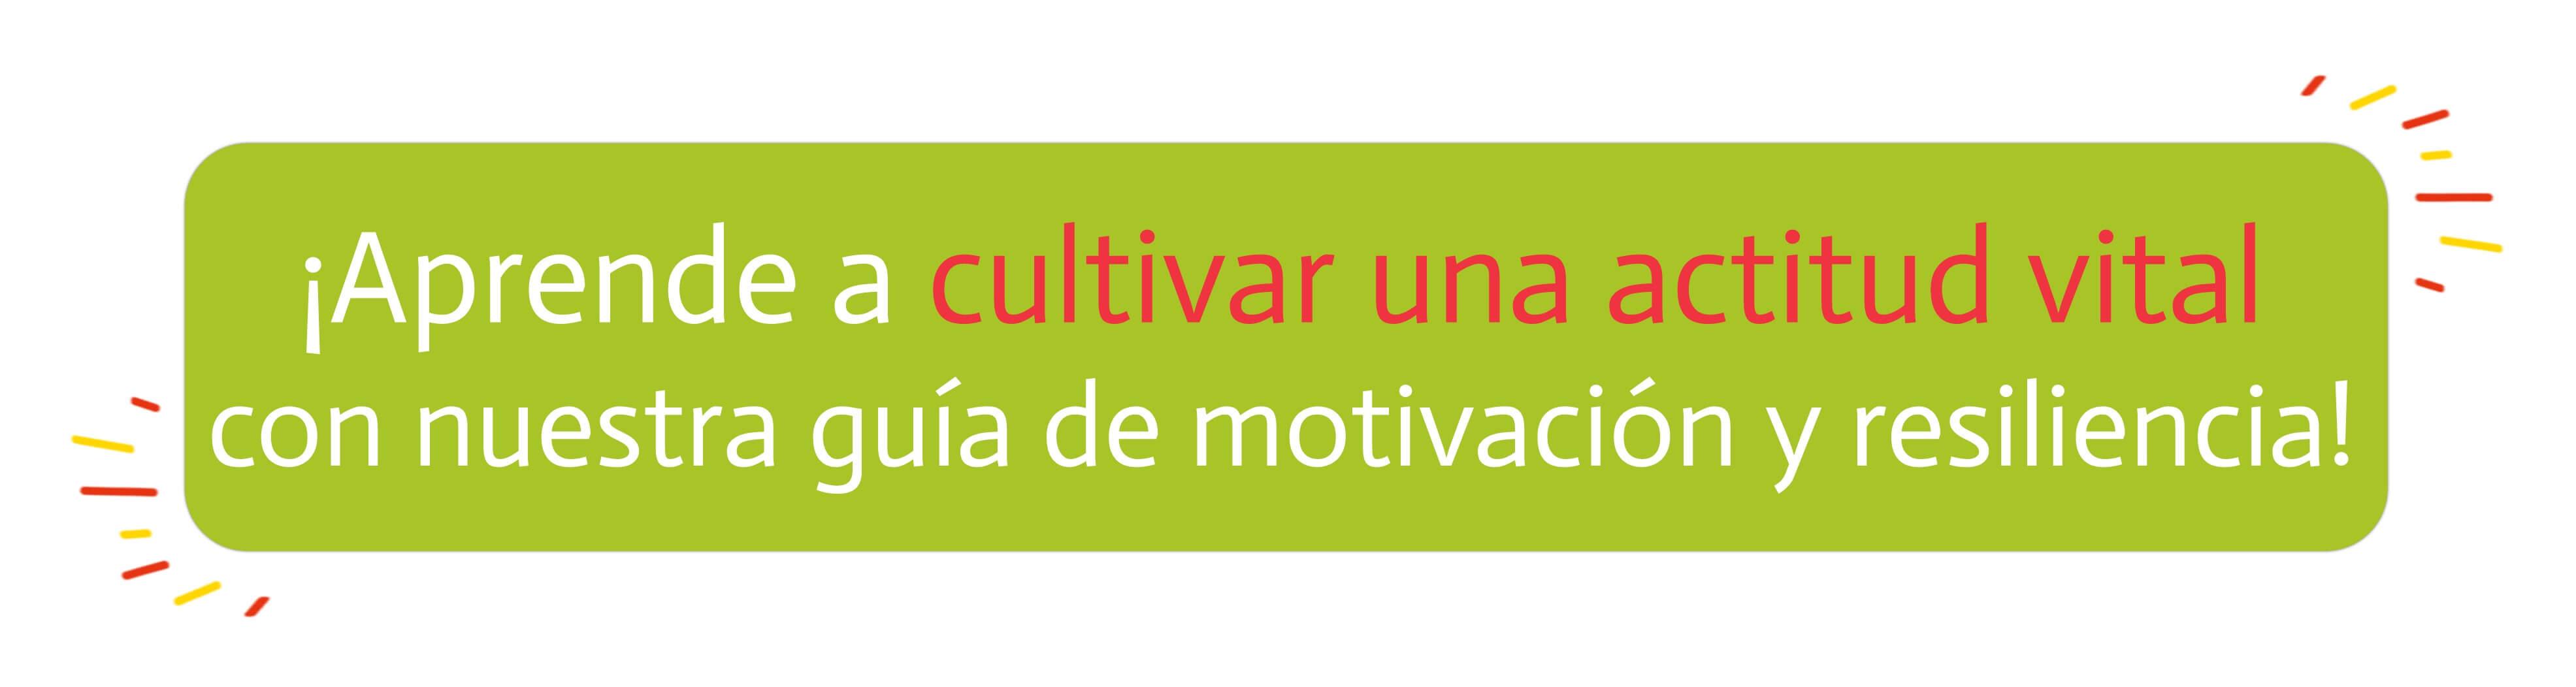 ZES - CTA Text - ebook activacion, motivacion y resiliencia